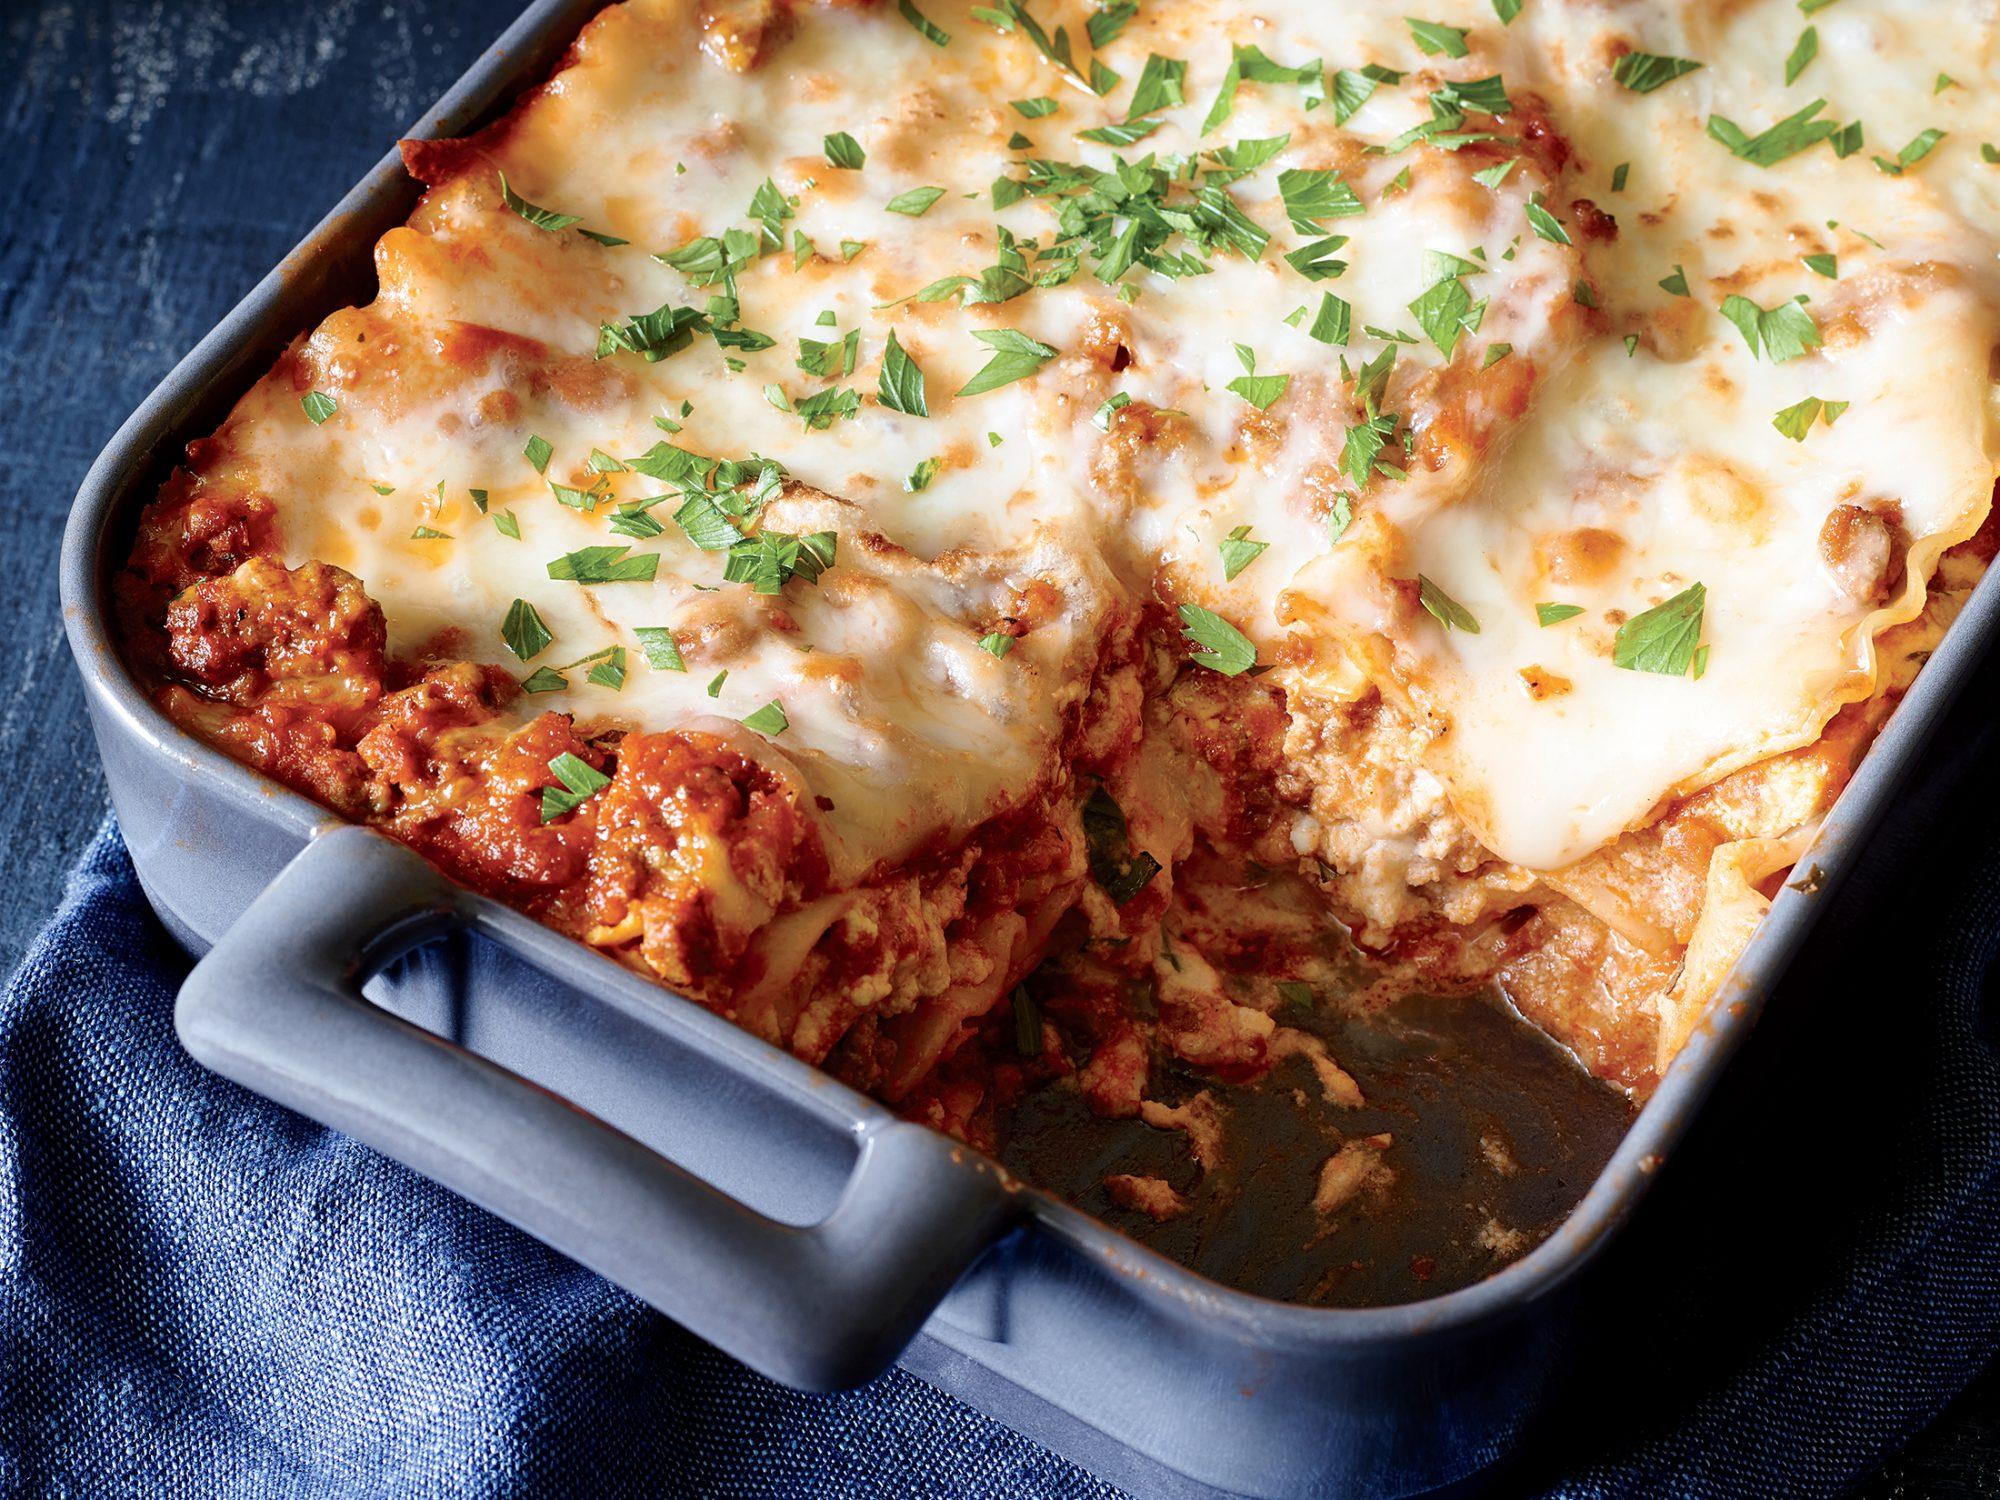 Our Best Lasagna Recipes